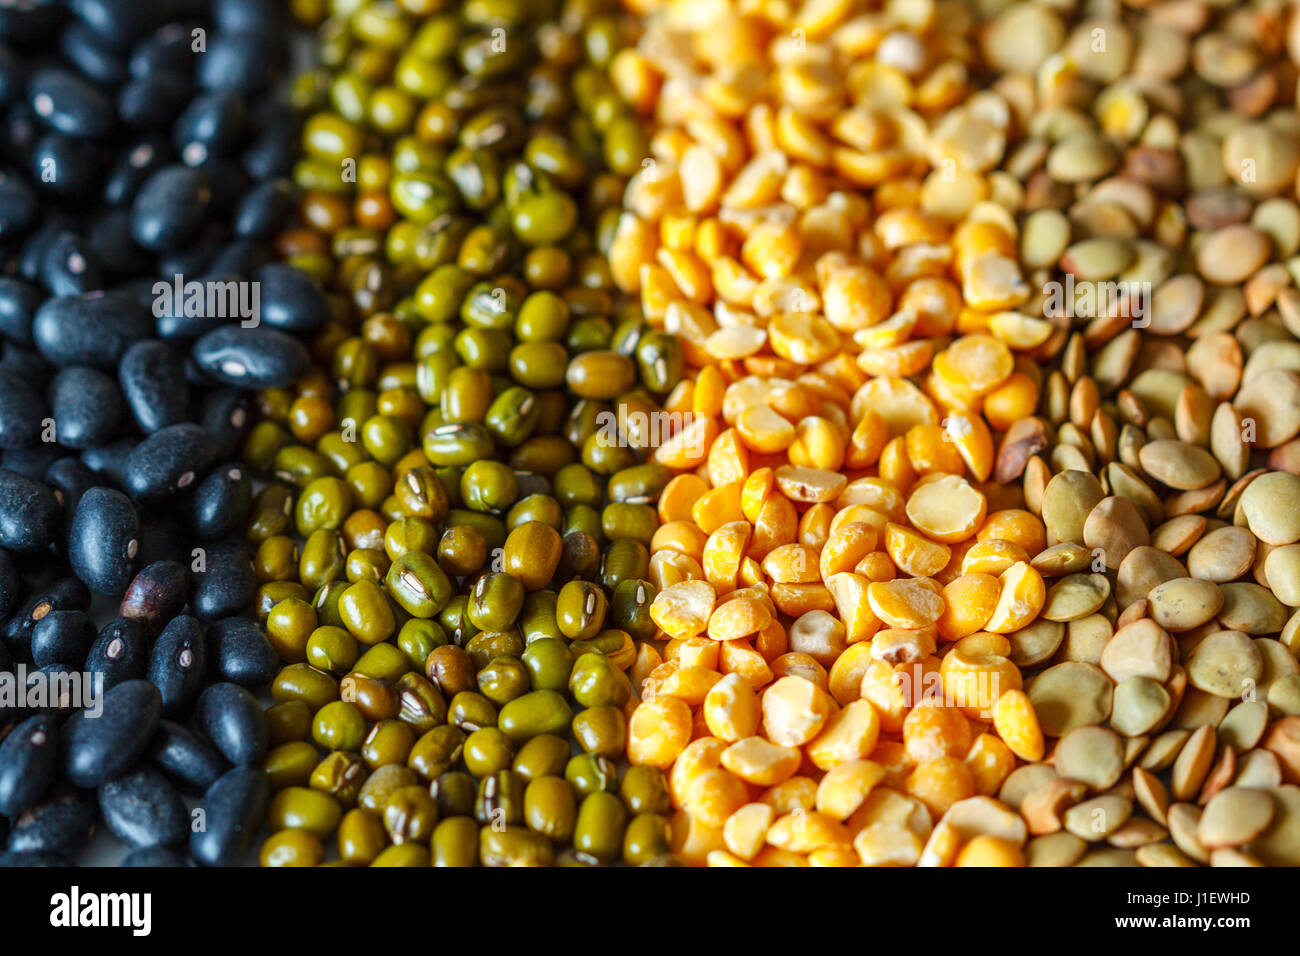 Céréales contexte: les pois chiches, pois, lentilles, haricots noirs Photo Stock